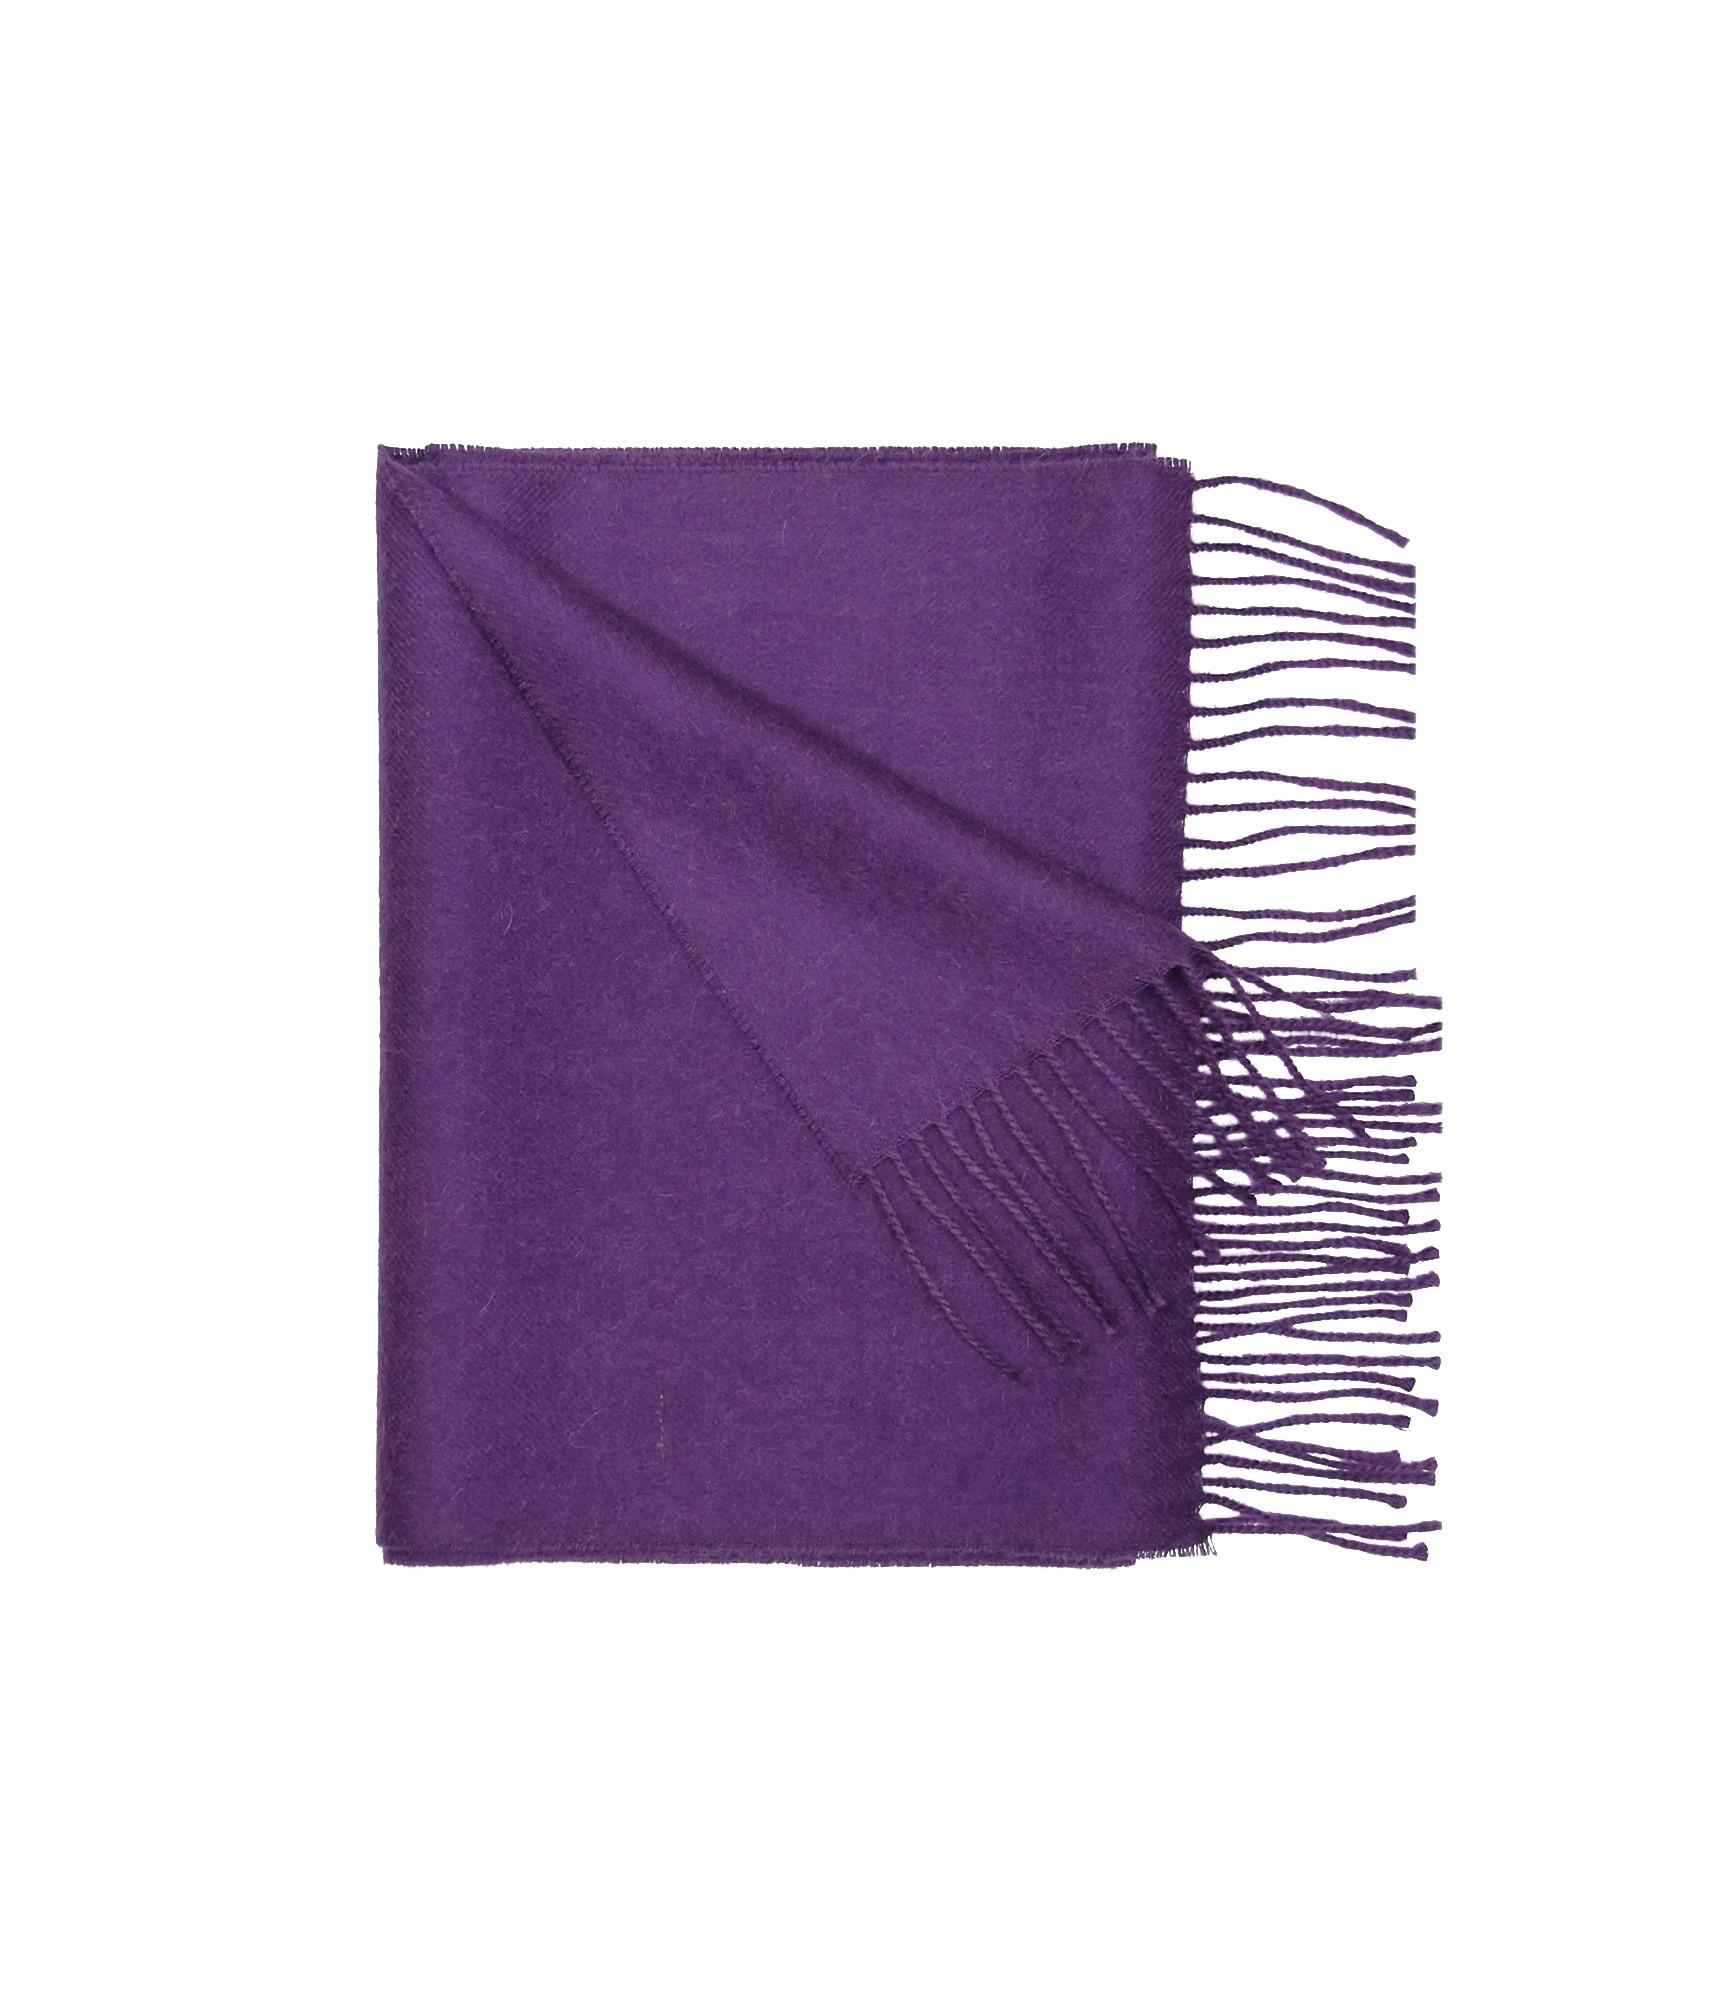 Šiltas violetinis alpakos vilnos šalikas 3